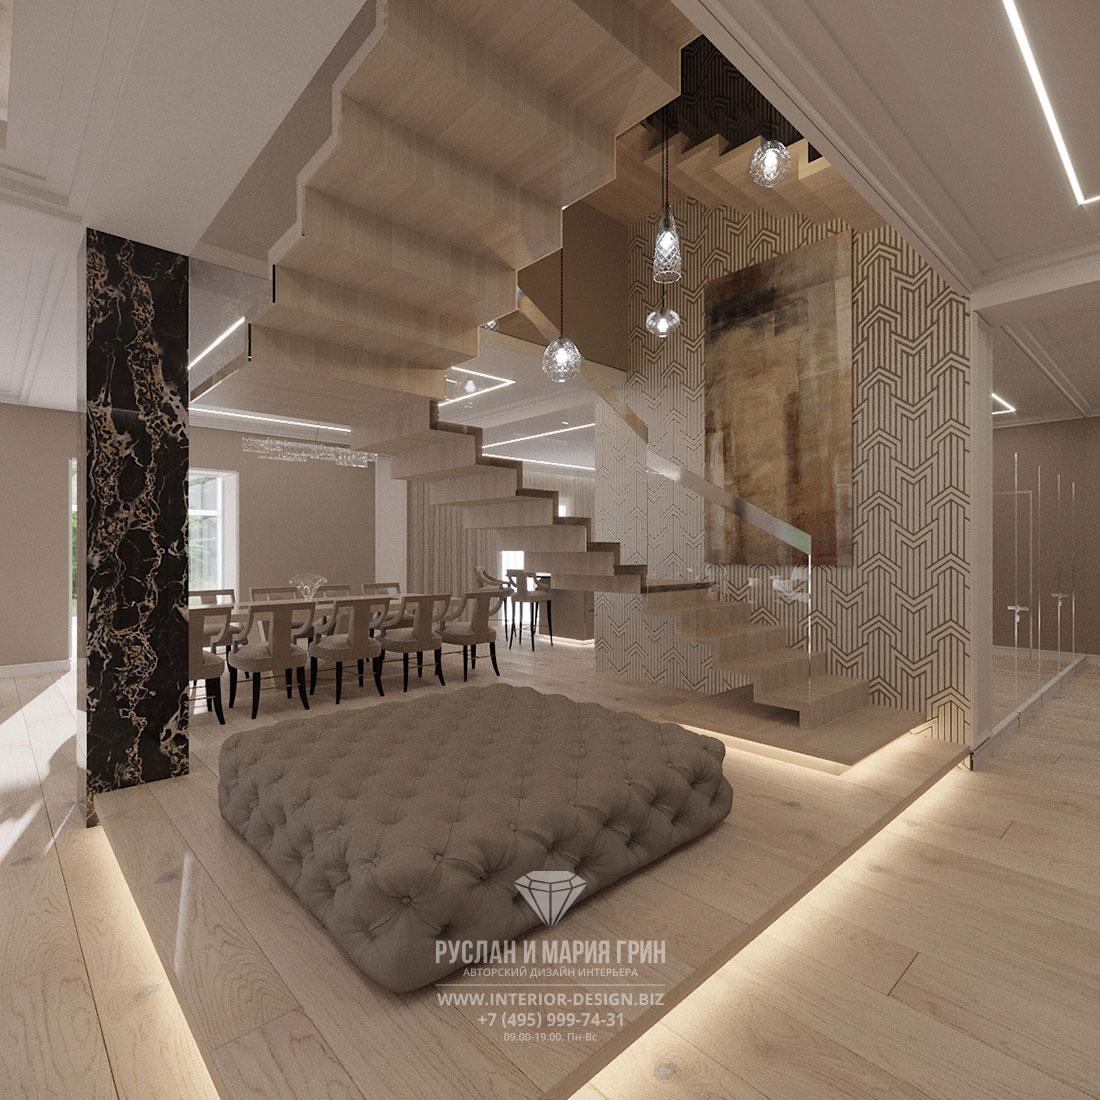 Ремонт в стиле минимализм в частном доме – гостиная с лестницей